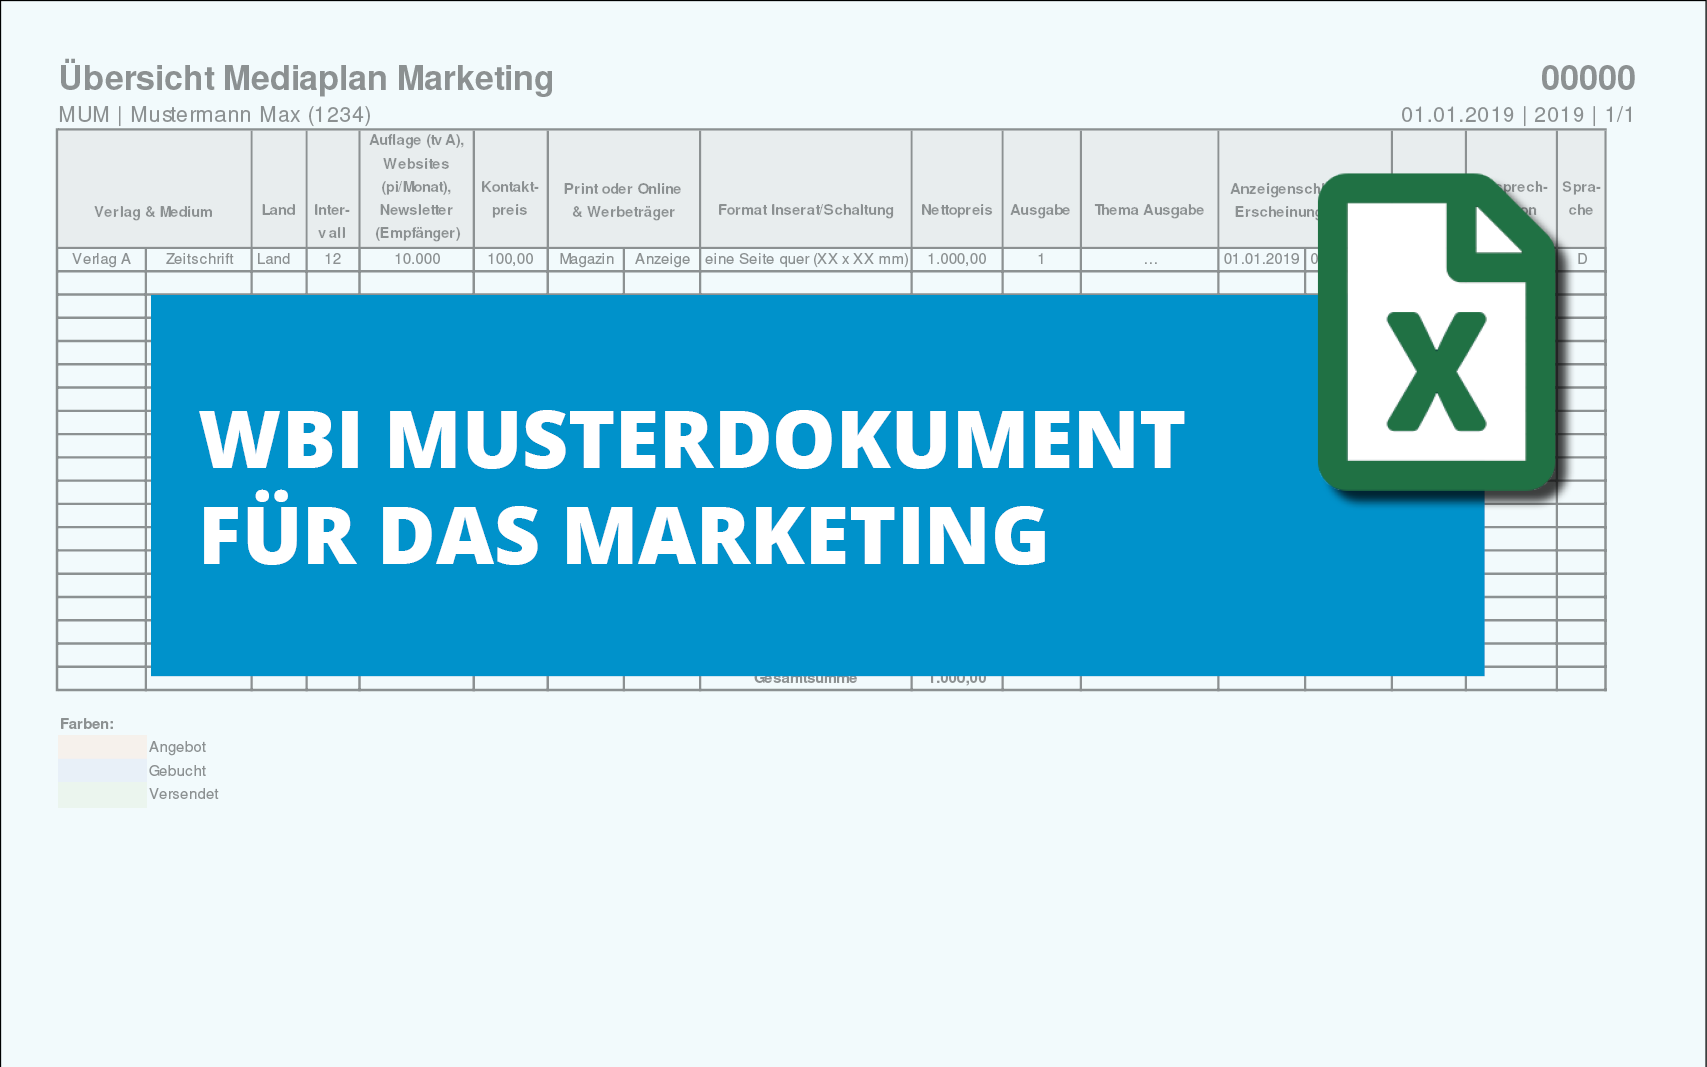 uebersicht-mediaplan-marketing